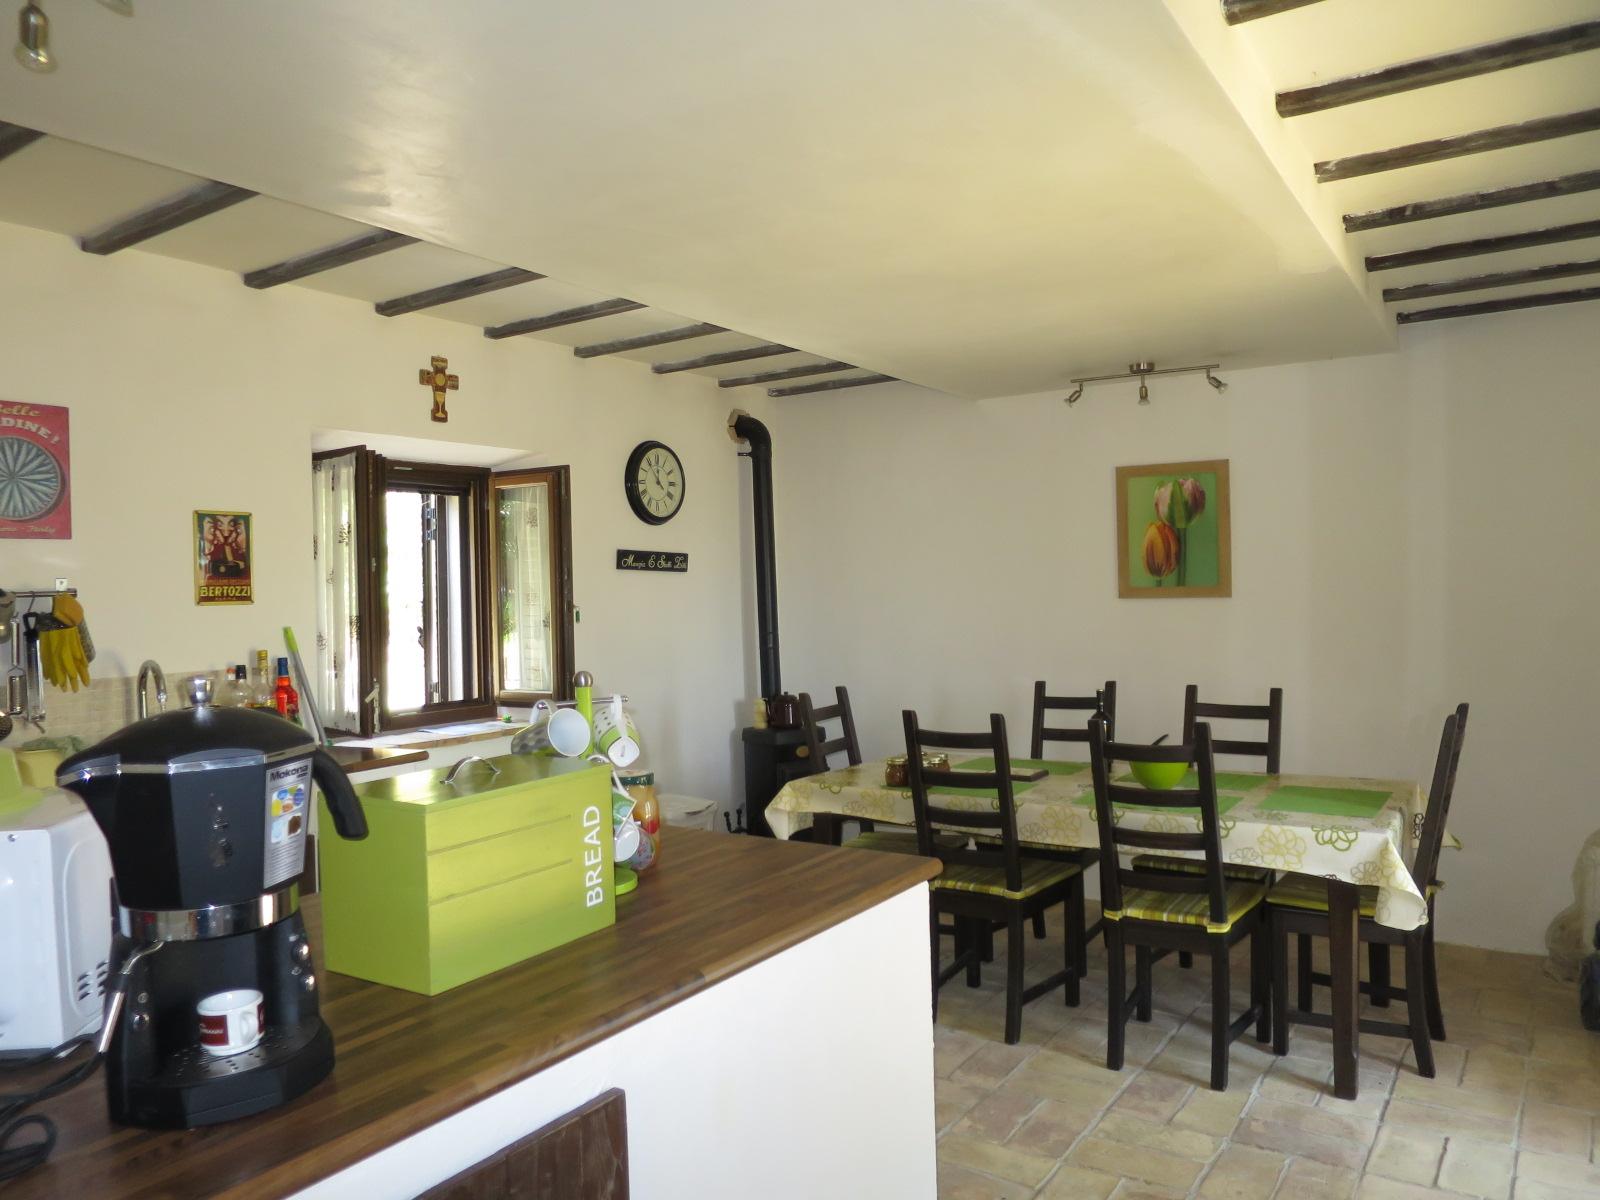 Casa di campagna Casa di campagna in vendita Montefino (TE), Casa Collina - Montefino - EUR 151.447 300